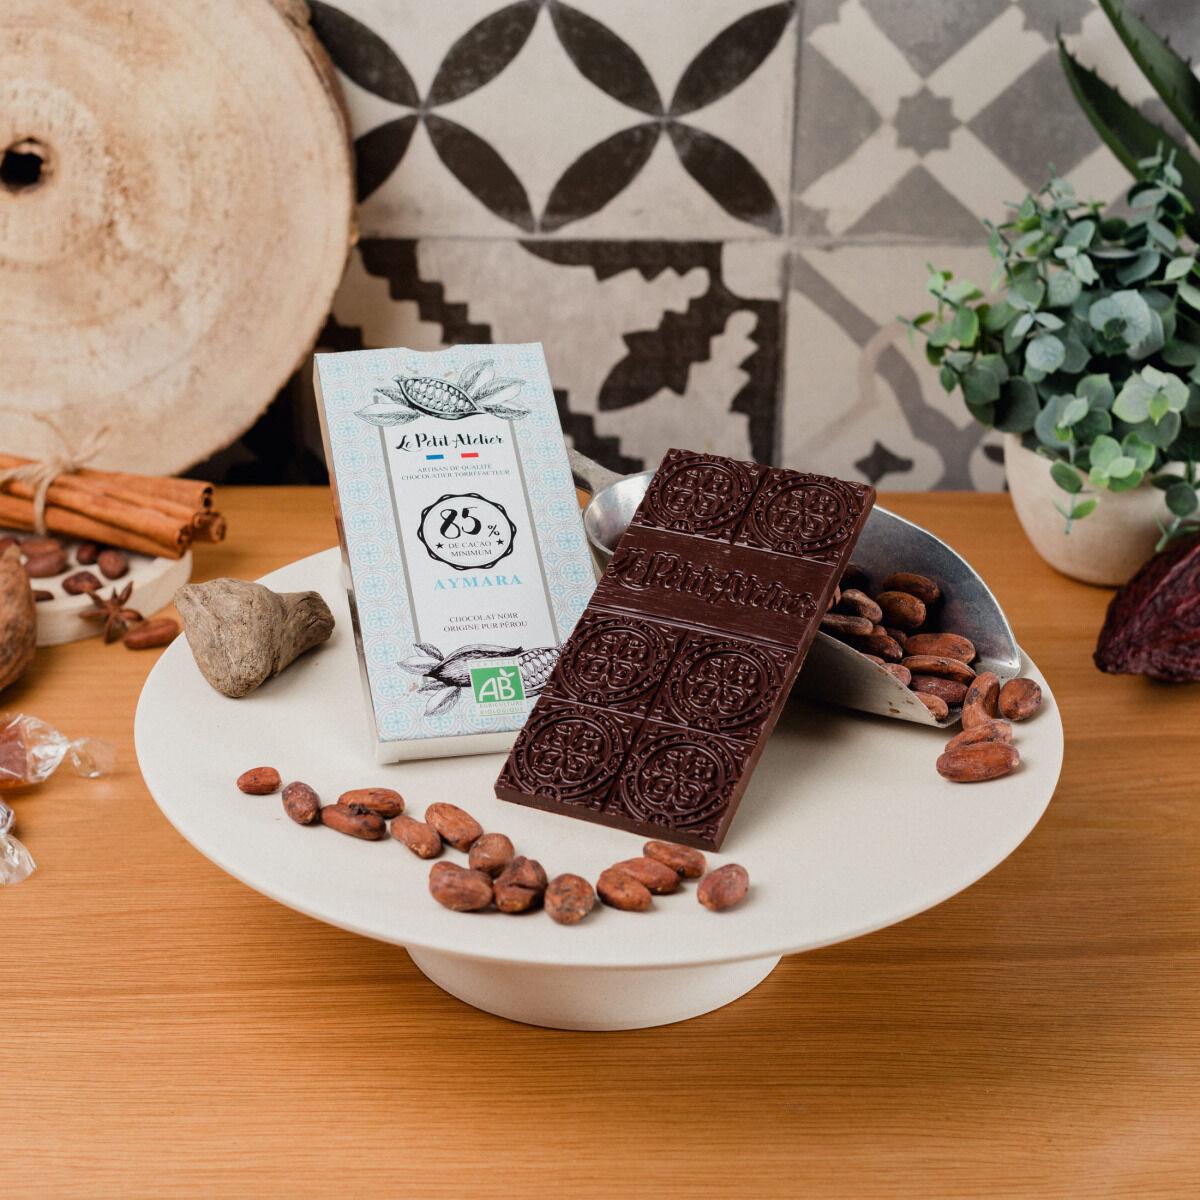 Le Petit Atelier Tablette De Chocolat Noir Bio 85% Aymara